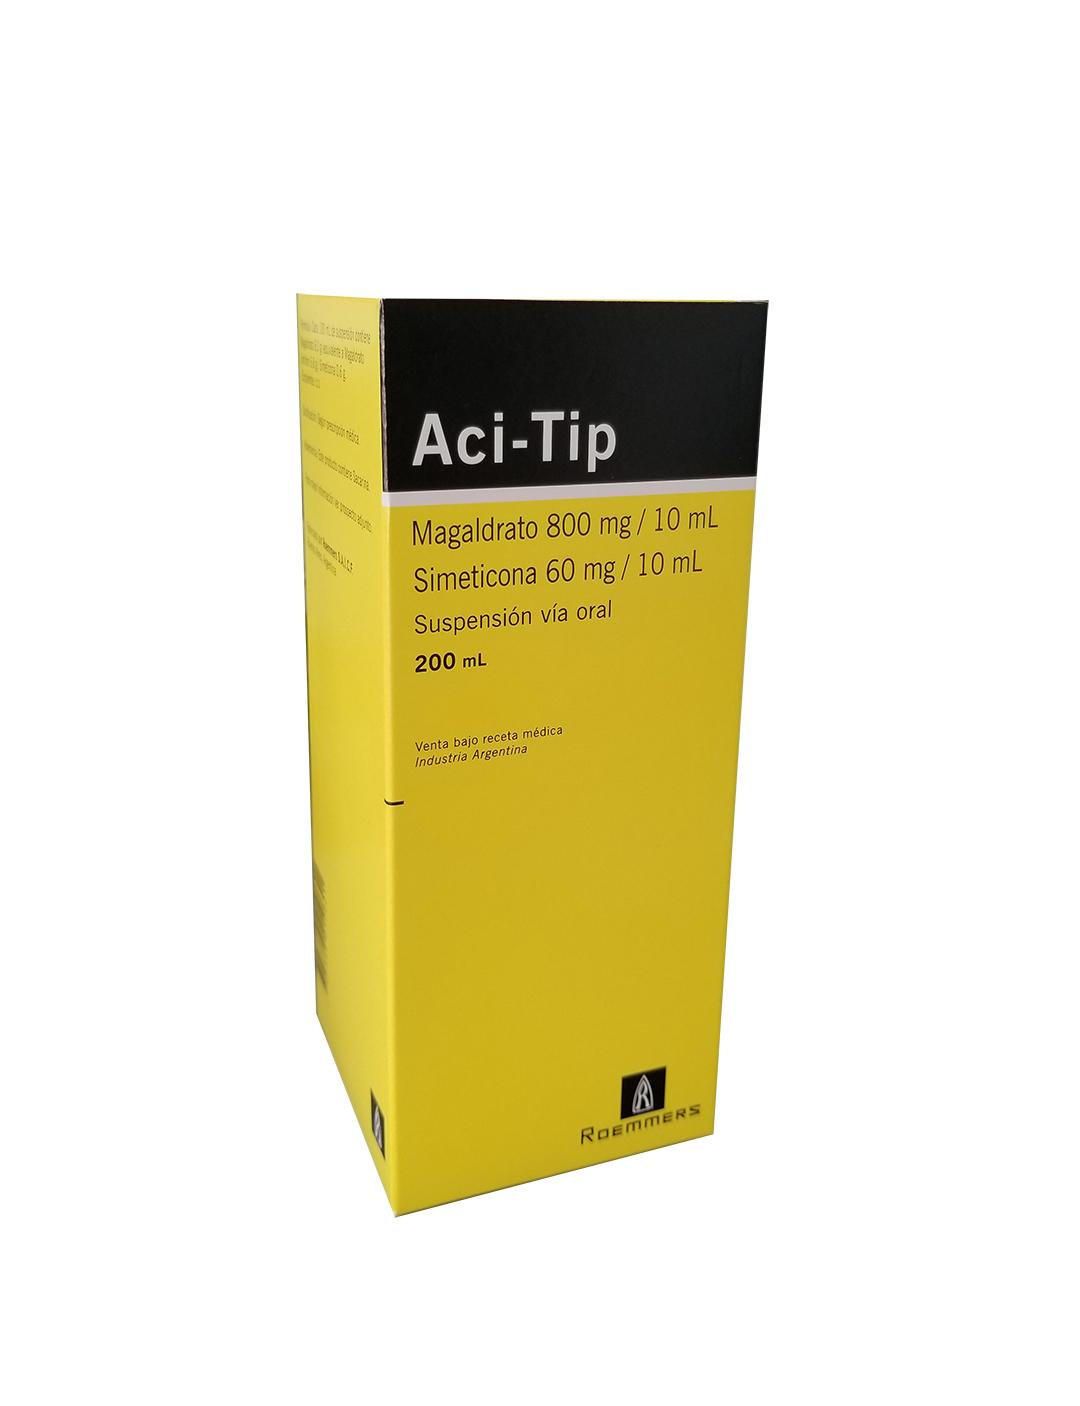 Aci-Tip Suspension 200ML